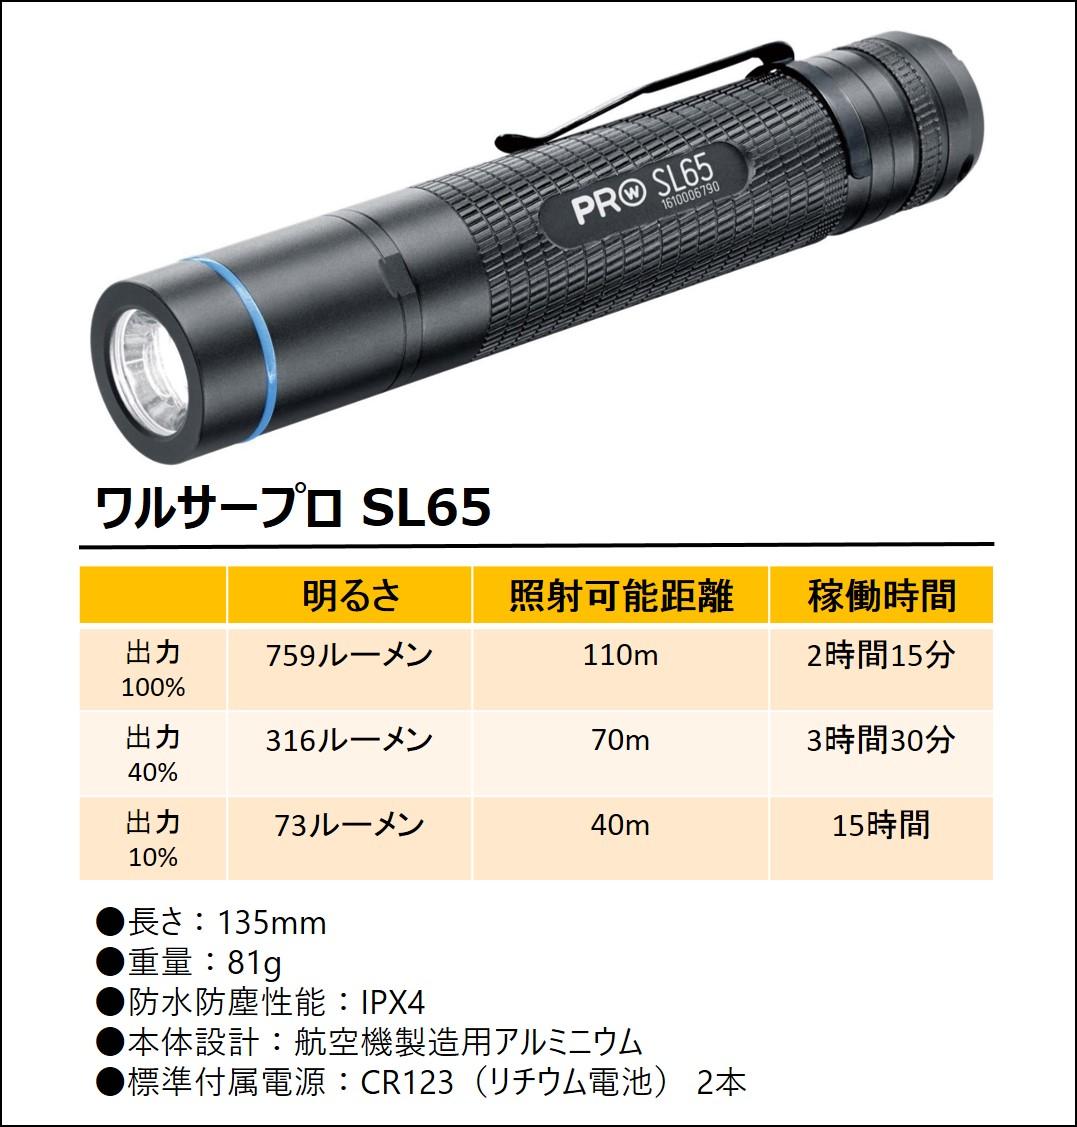 防水防塵の高耐久フラッシュライト「ワルサープロSL65」スペック